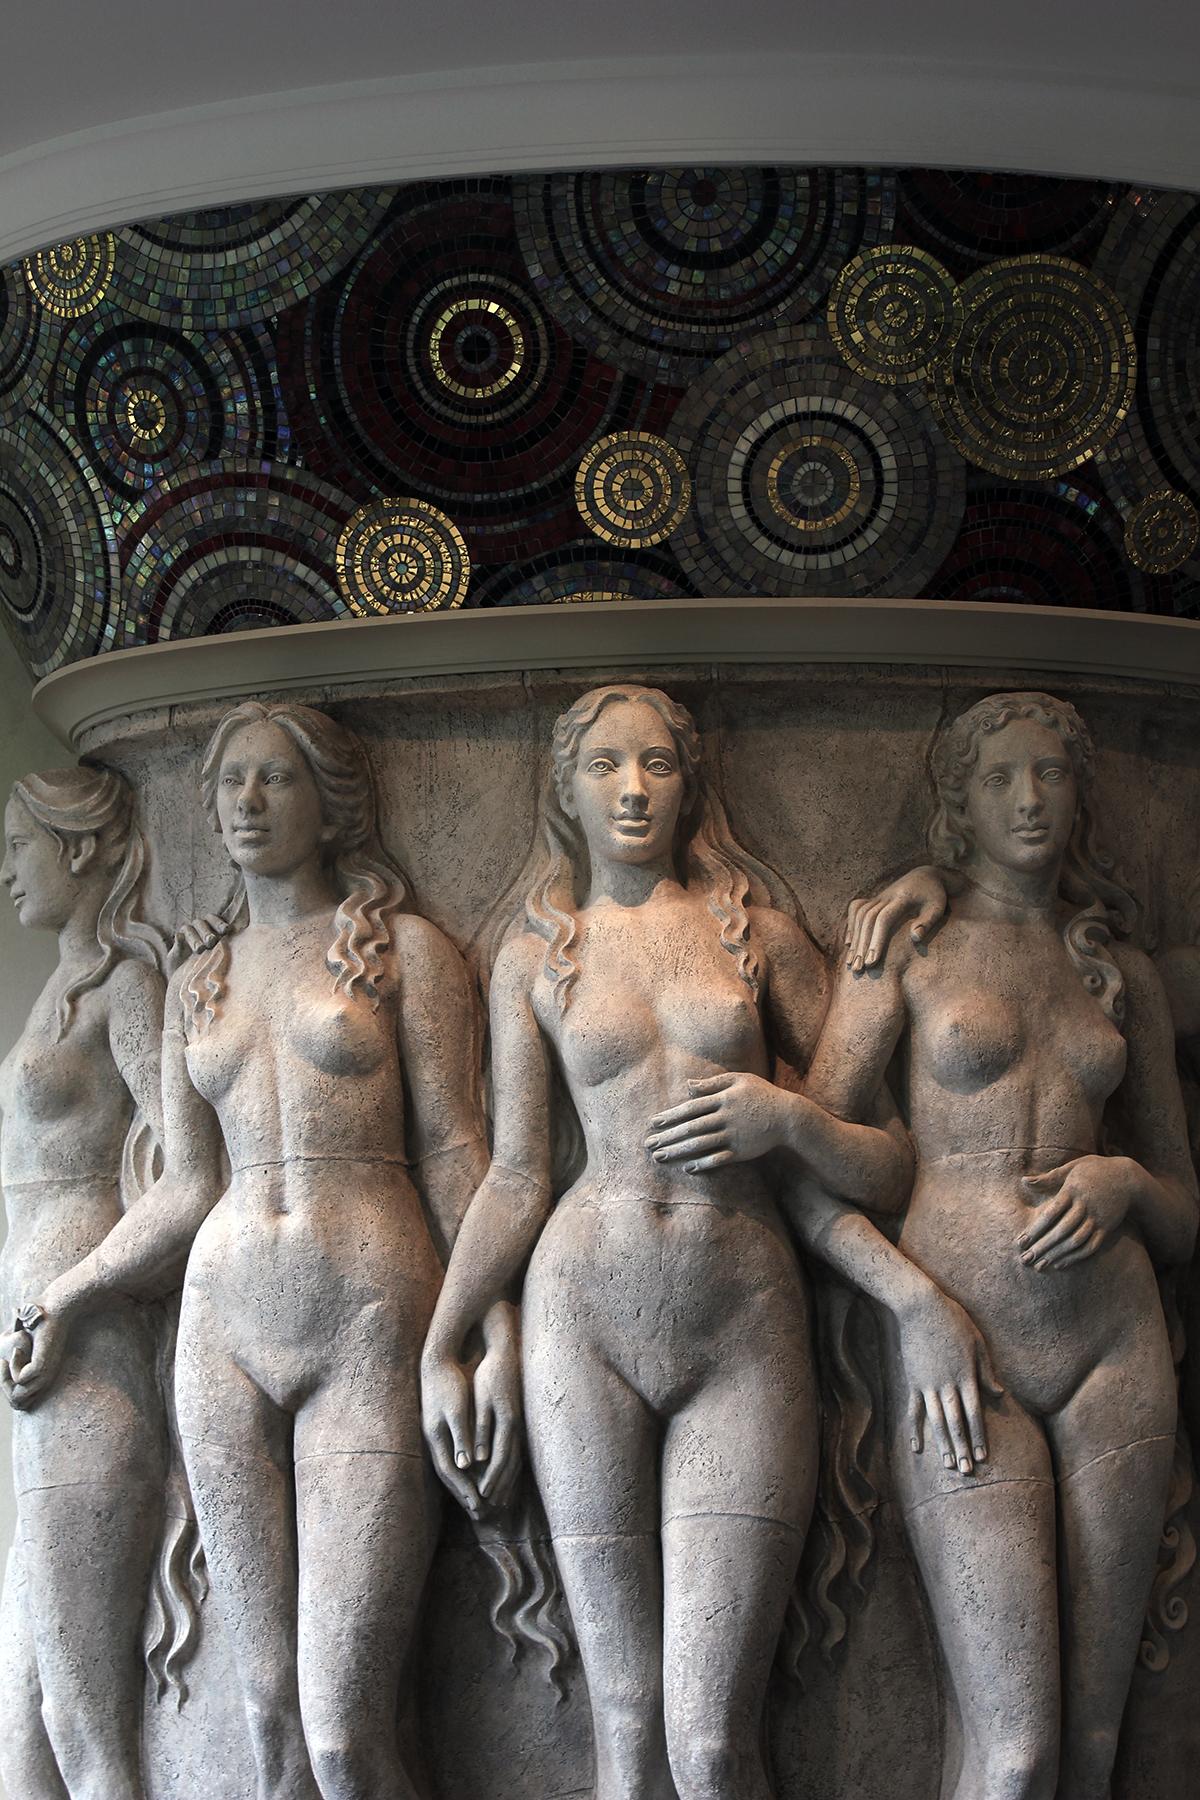 Камин Пять граций. Авторская работа Елены Афти. Материал исполнения шамотная глина, мозаика.